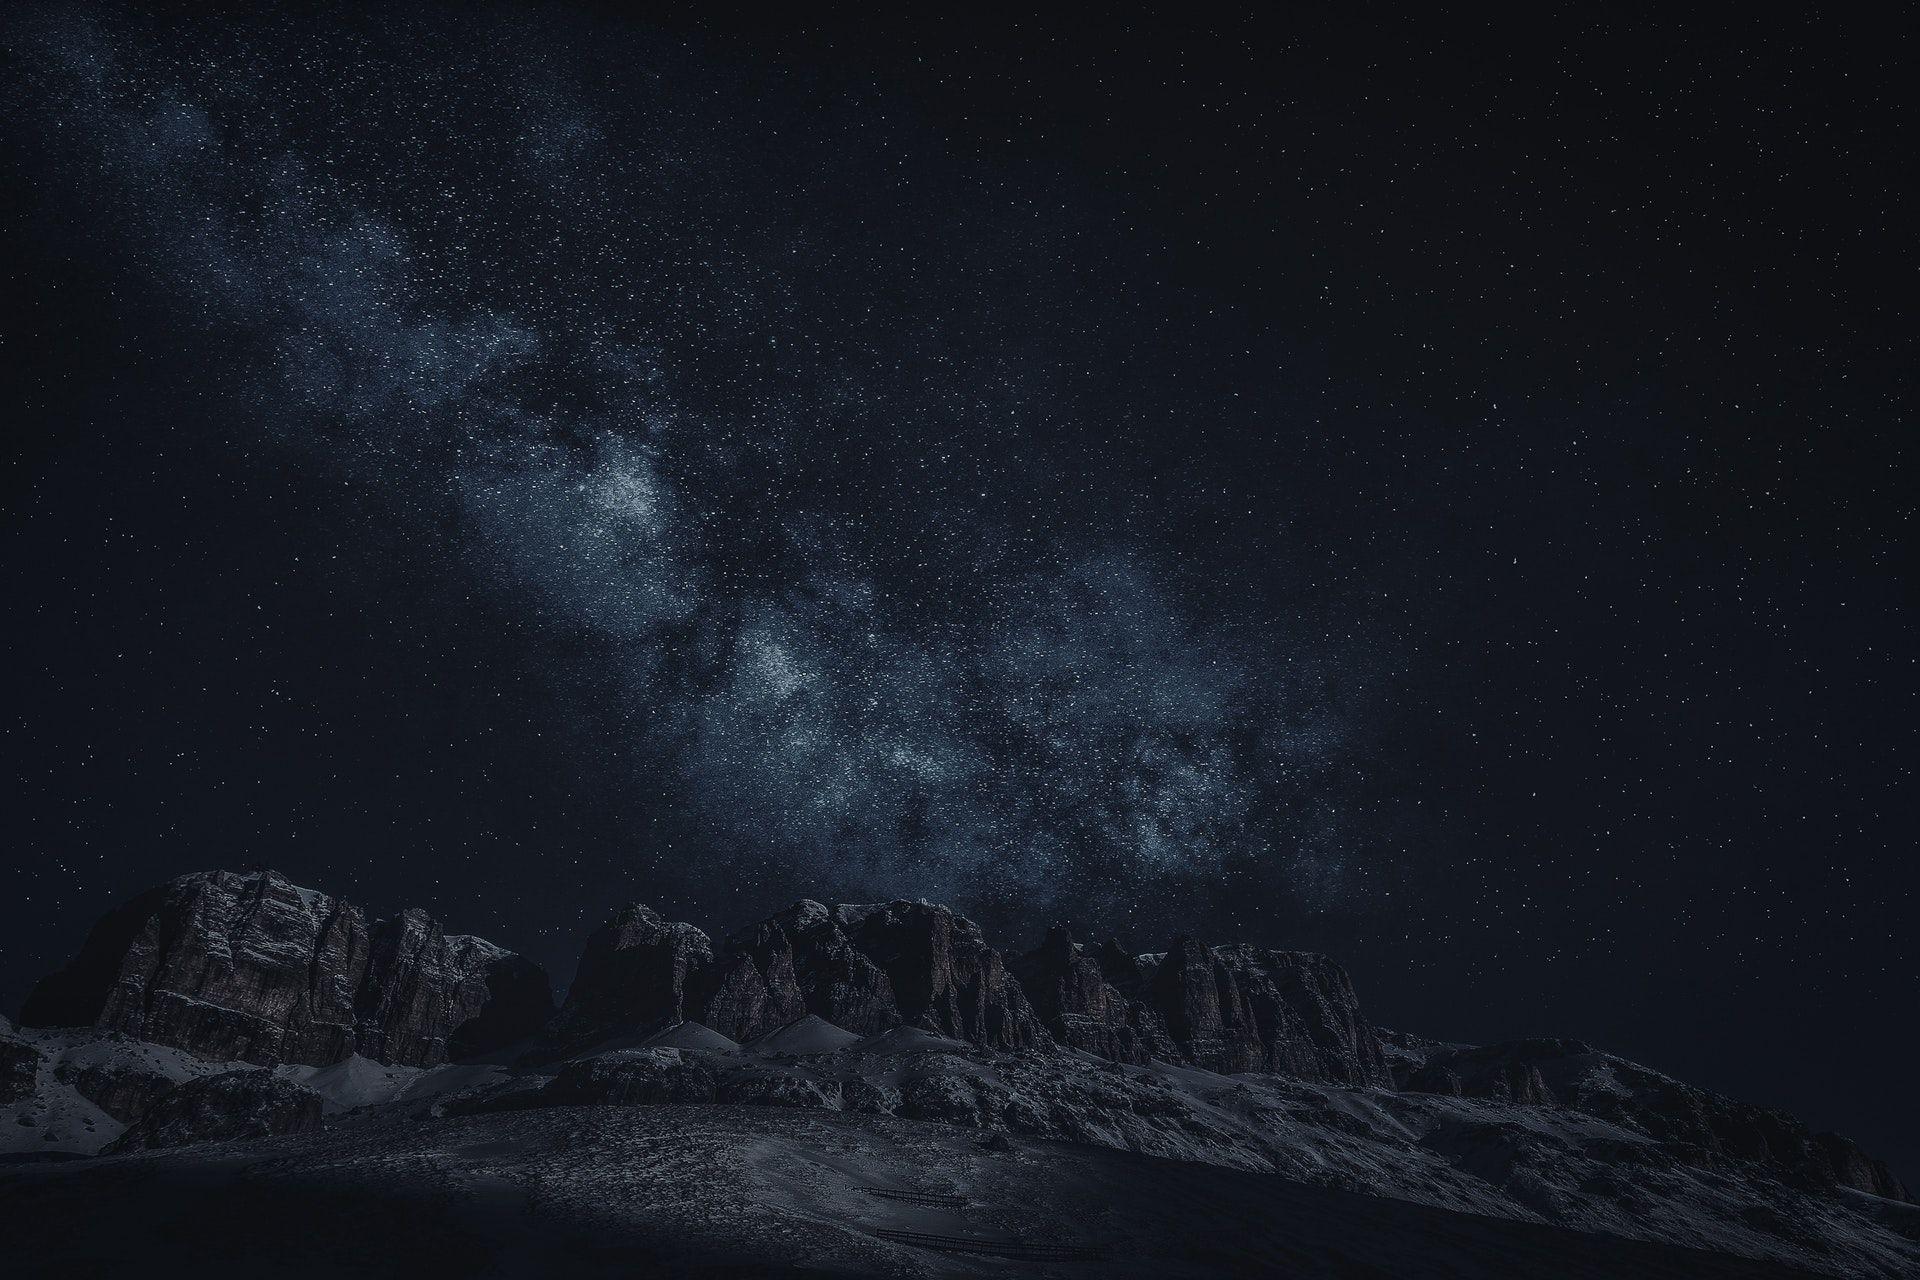 عکس زمینه کوه Canion در آسمان پر ستاره شب پس زمینه